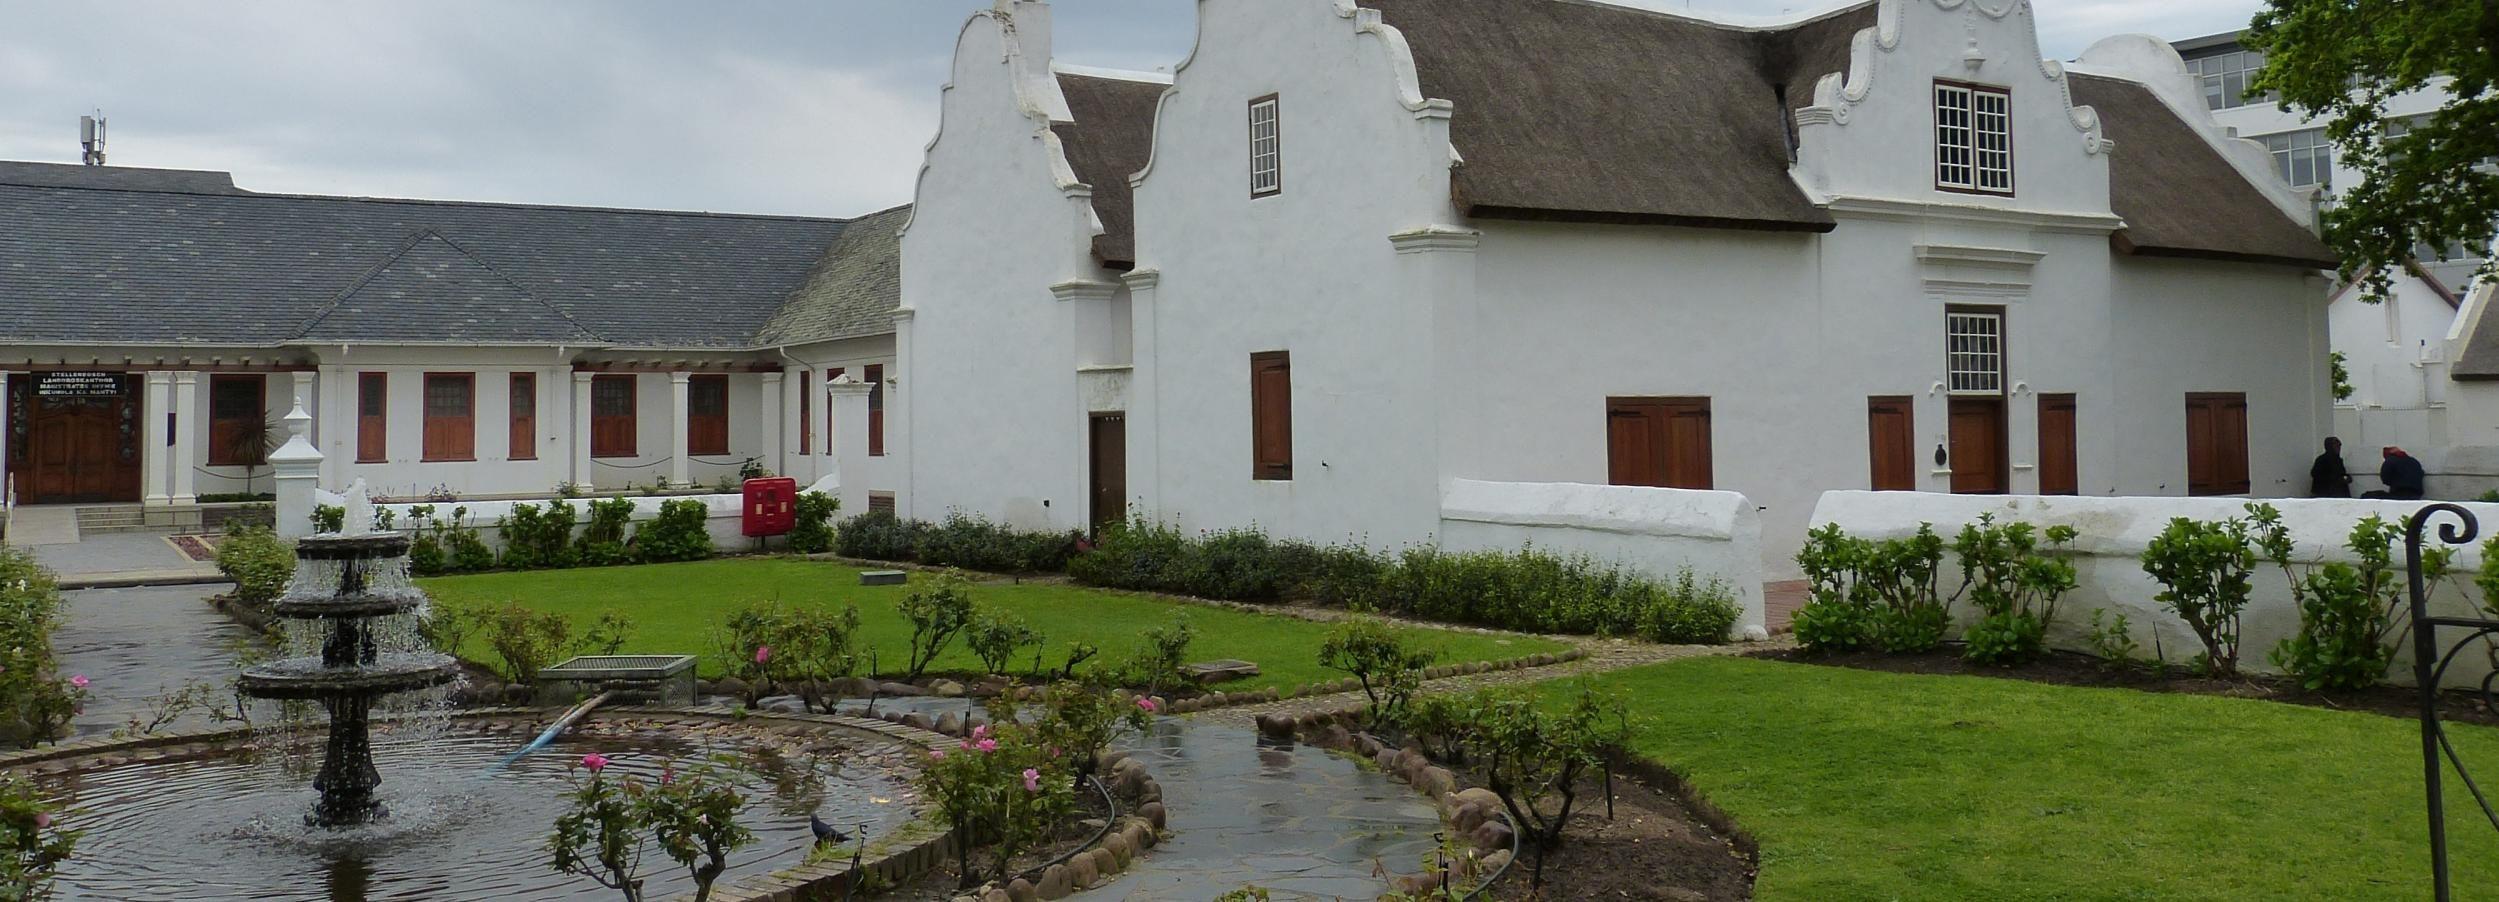 Stellenbosch: Guided Historical Walking Tour